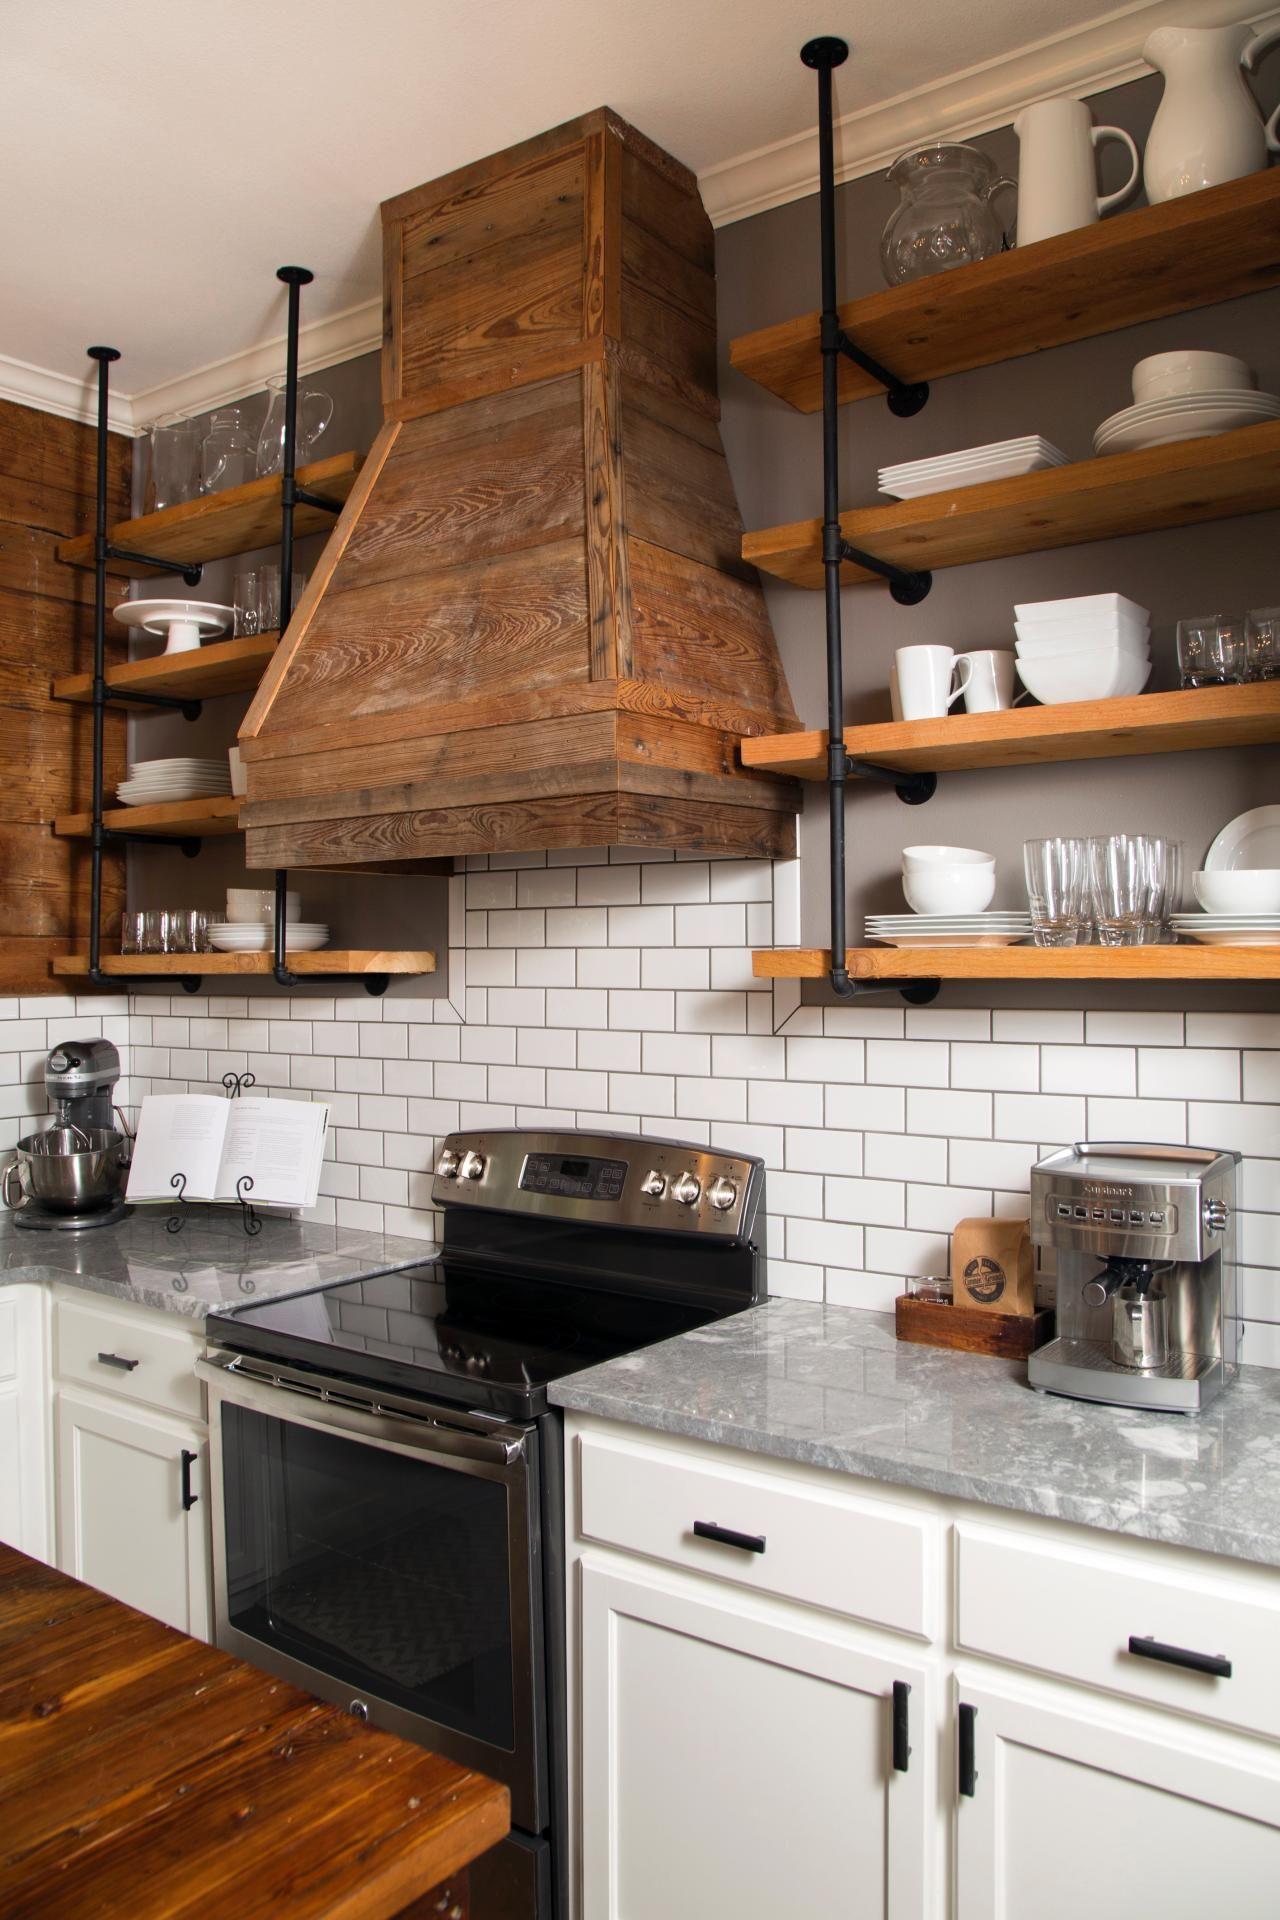 Best Images About Vent Hood Decorating On Pinterest Copper - Kitchen cabinet range hood design